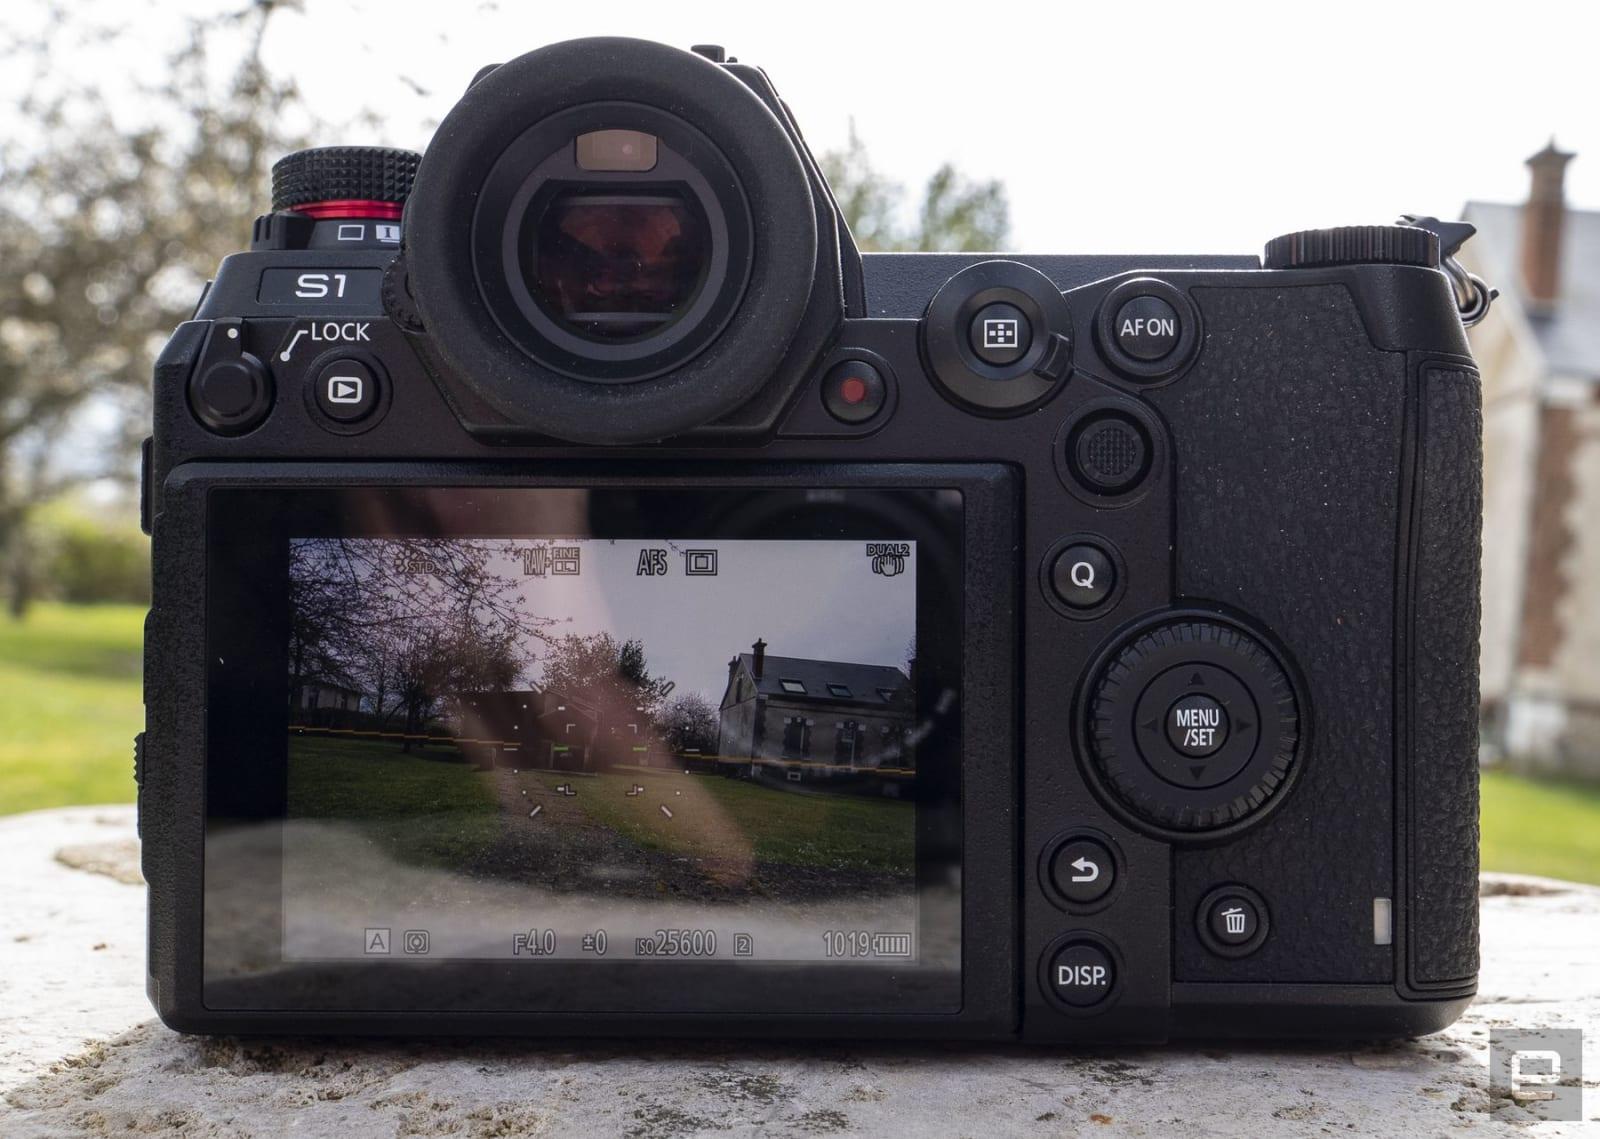 Panasonic S1 mirrorless camera review